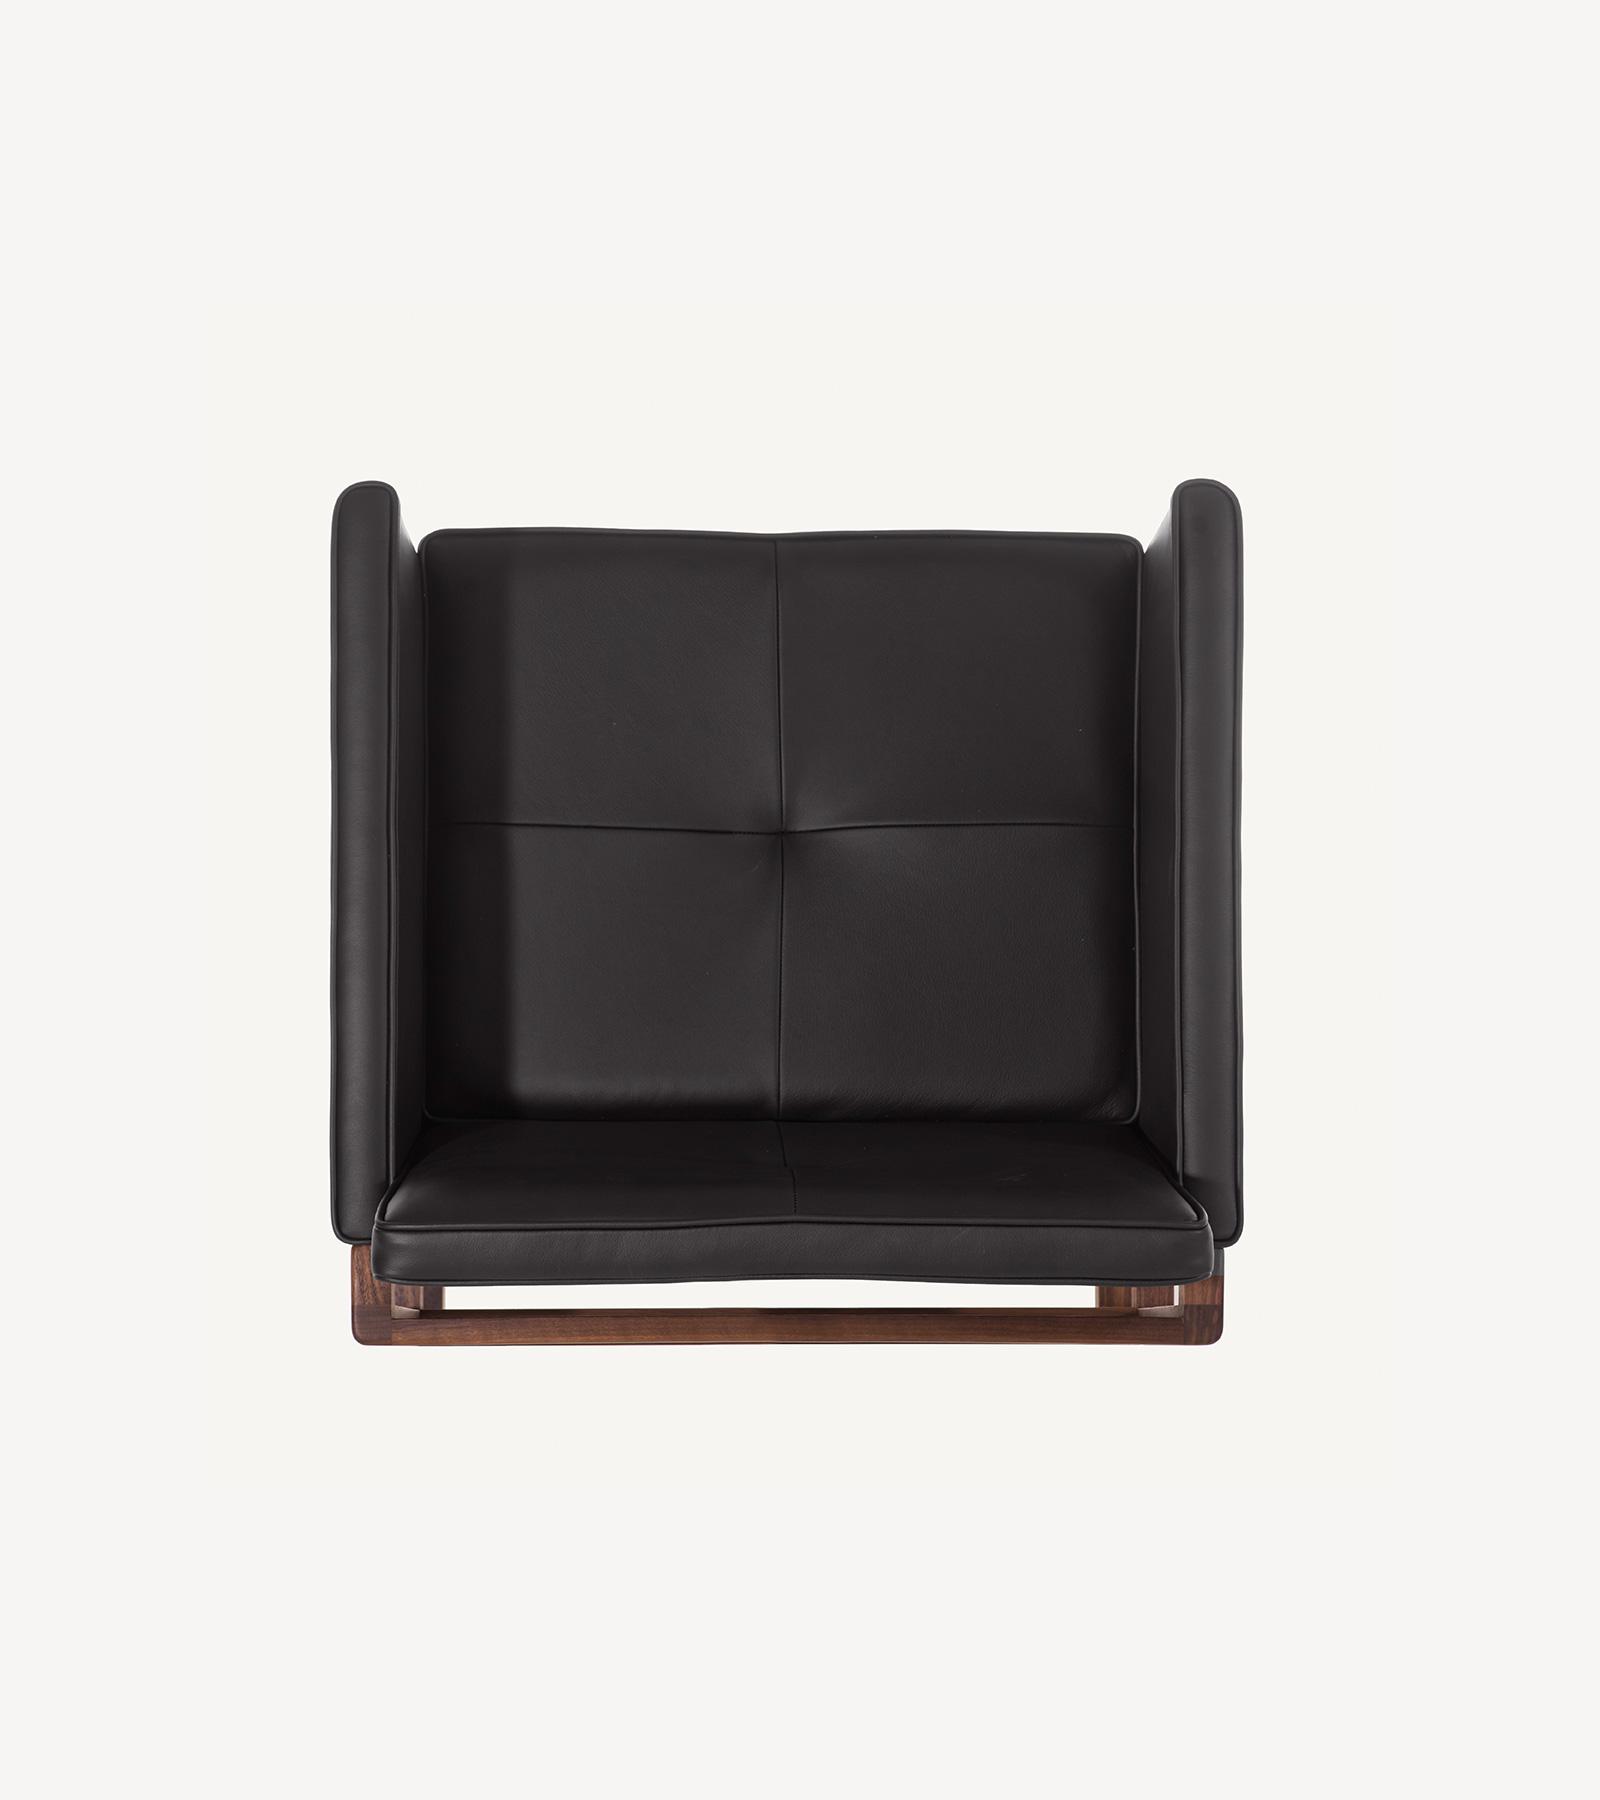 TinnappleMetz-bassamfellows-Wood-Frame-Chair-06